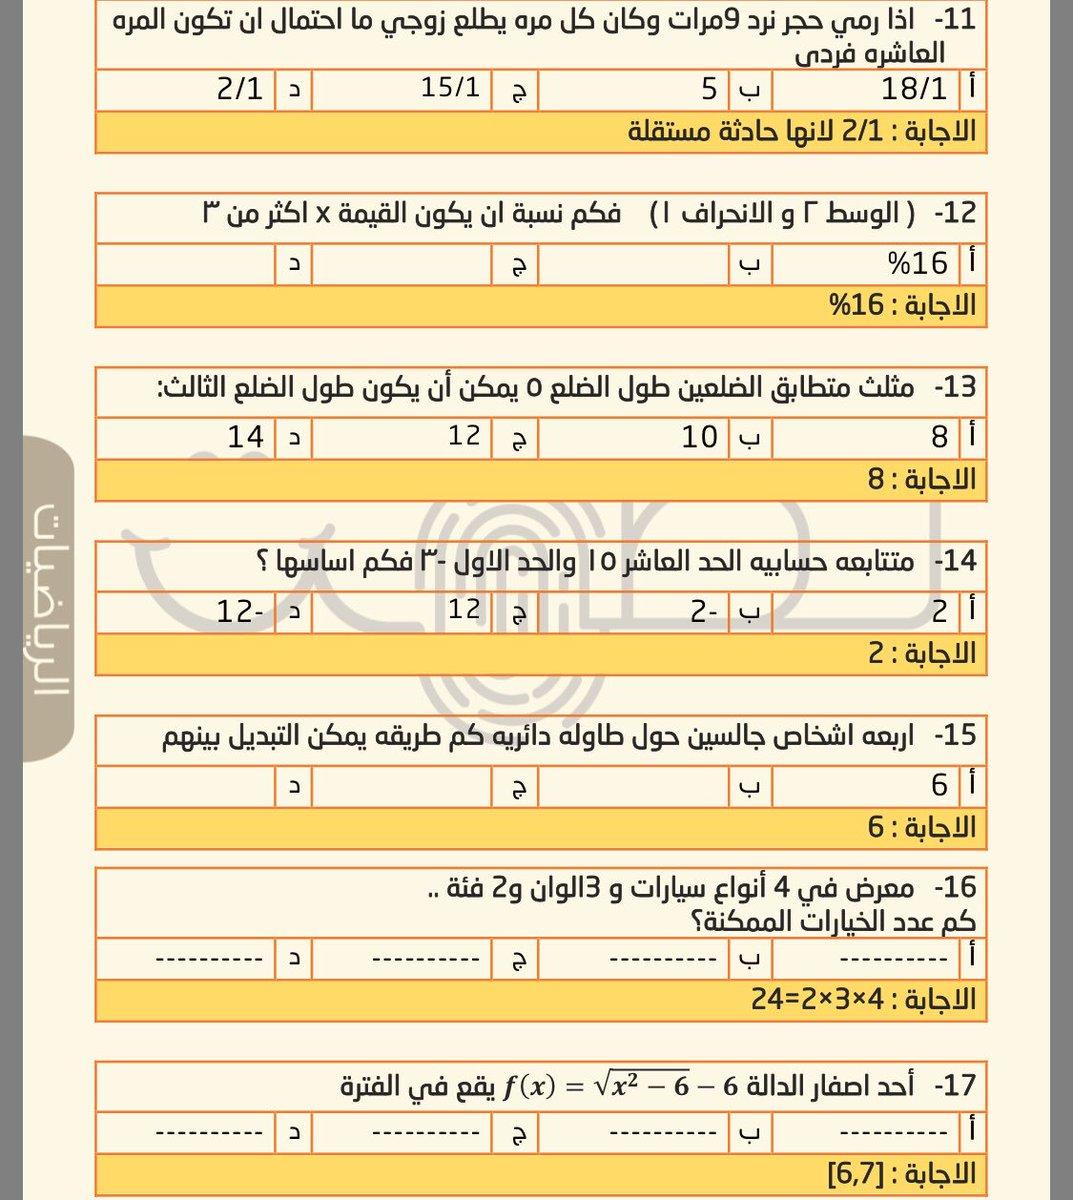 اسئلة تحصيلي رياضيات 5 الفصل الرابع